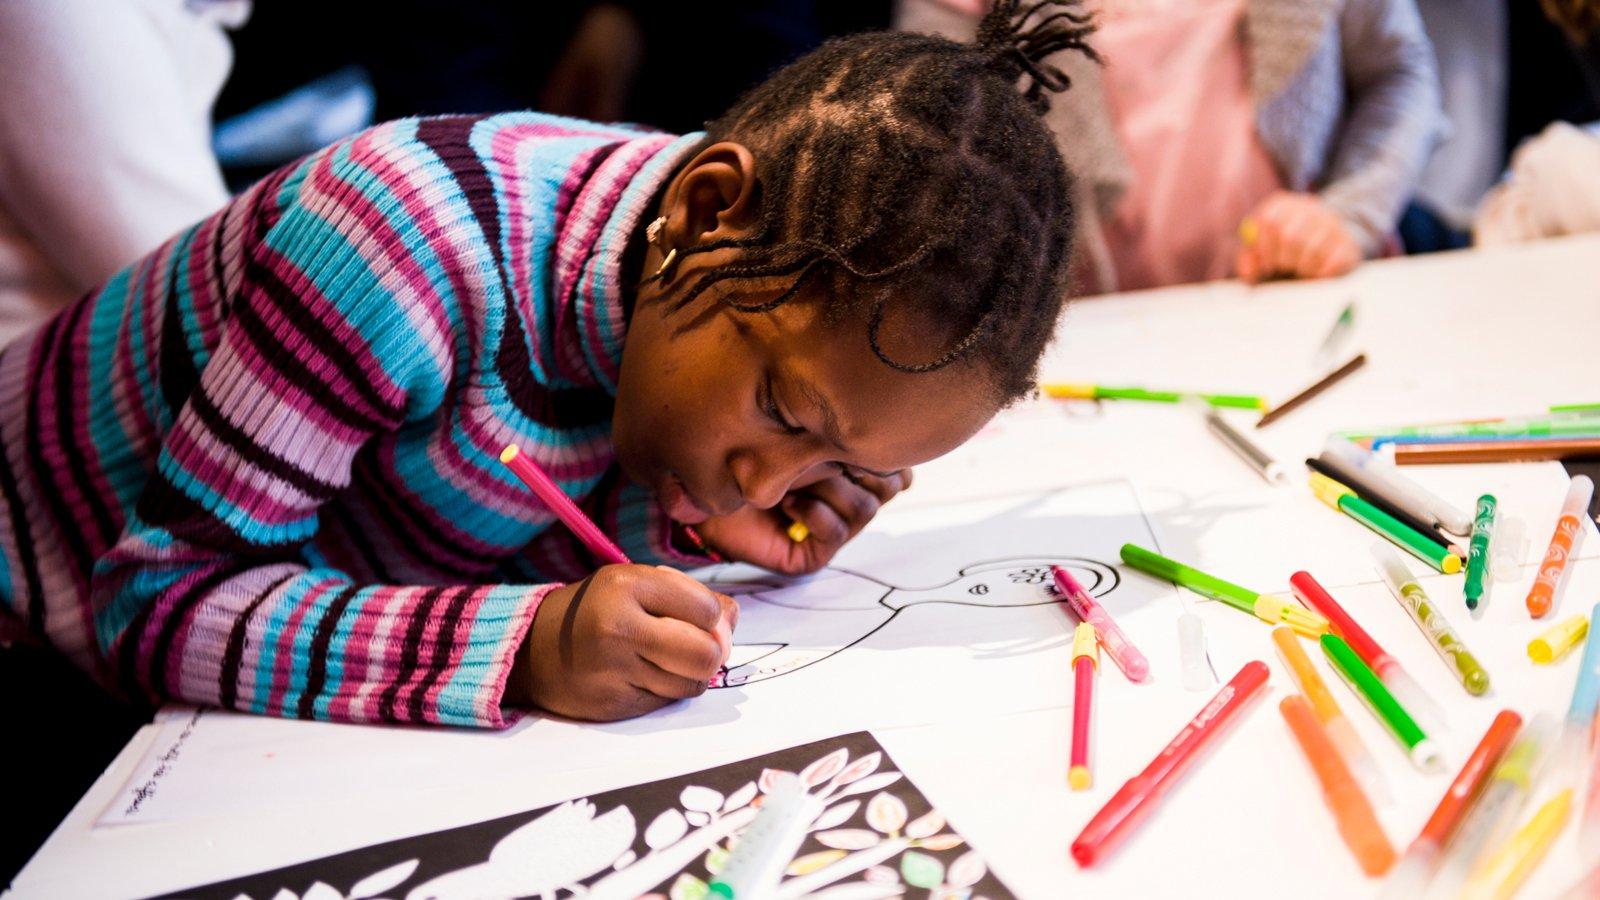 La Culture et l'Art au collège 2018-2019, 4 parcours littéraires à (re)découvrir